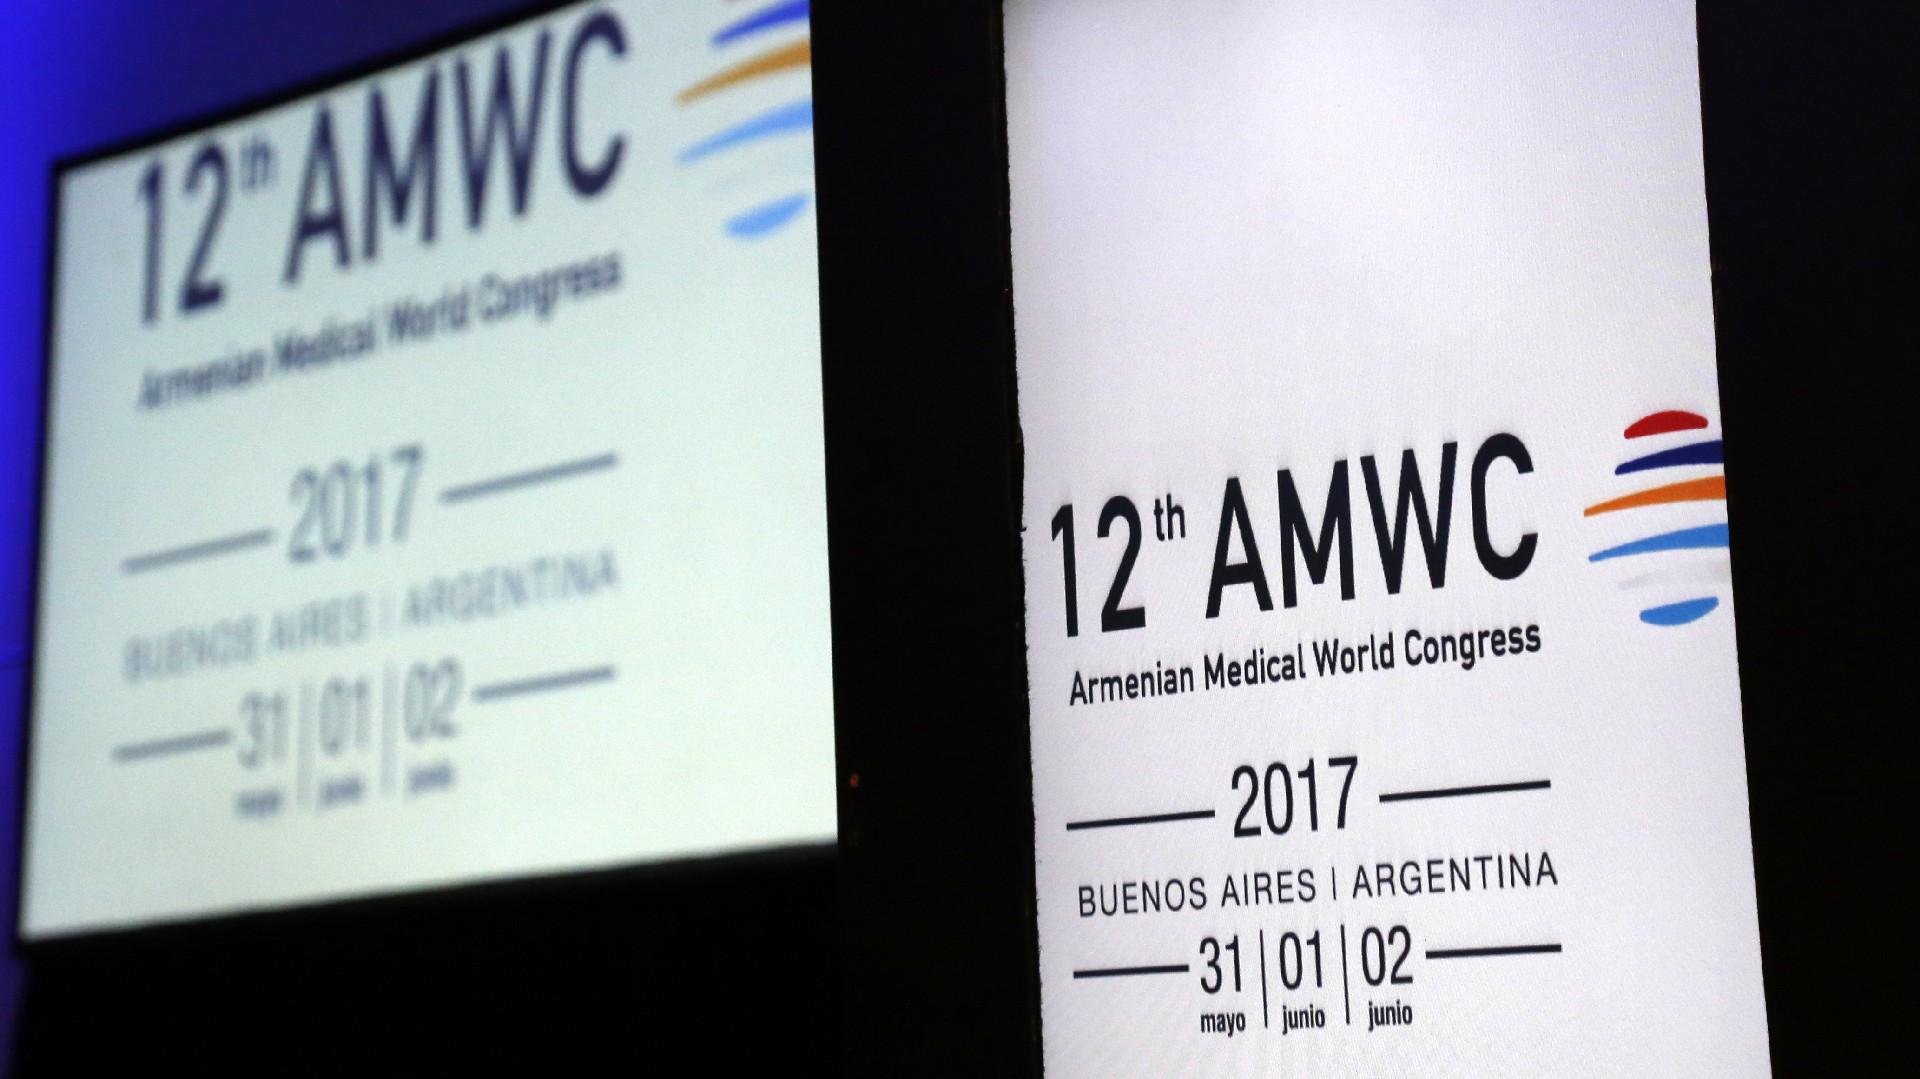 El Congreso Mundial de Profesionales de la Salud Armenios se celebró por primera vez en territorio latinoamericano: Argentina fue el país elegido (Nicolás Aboaf)